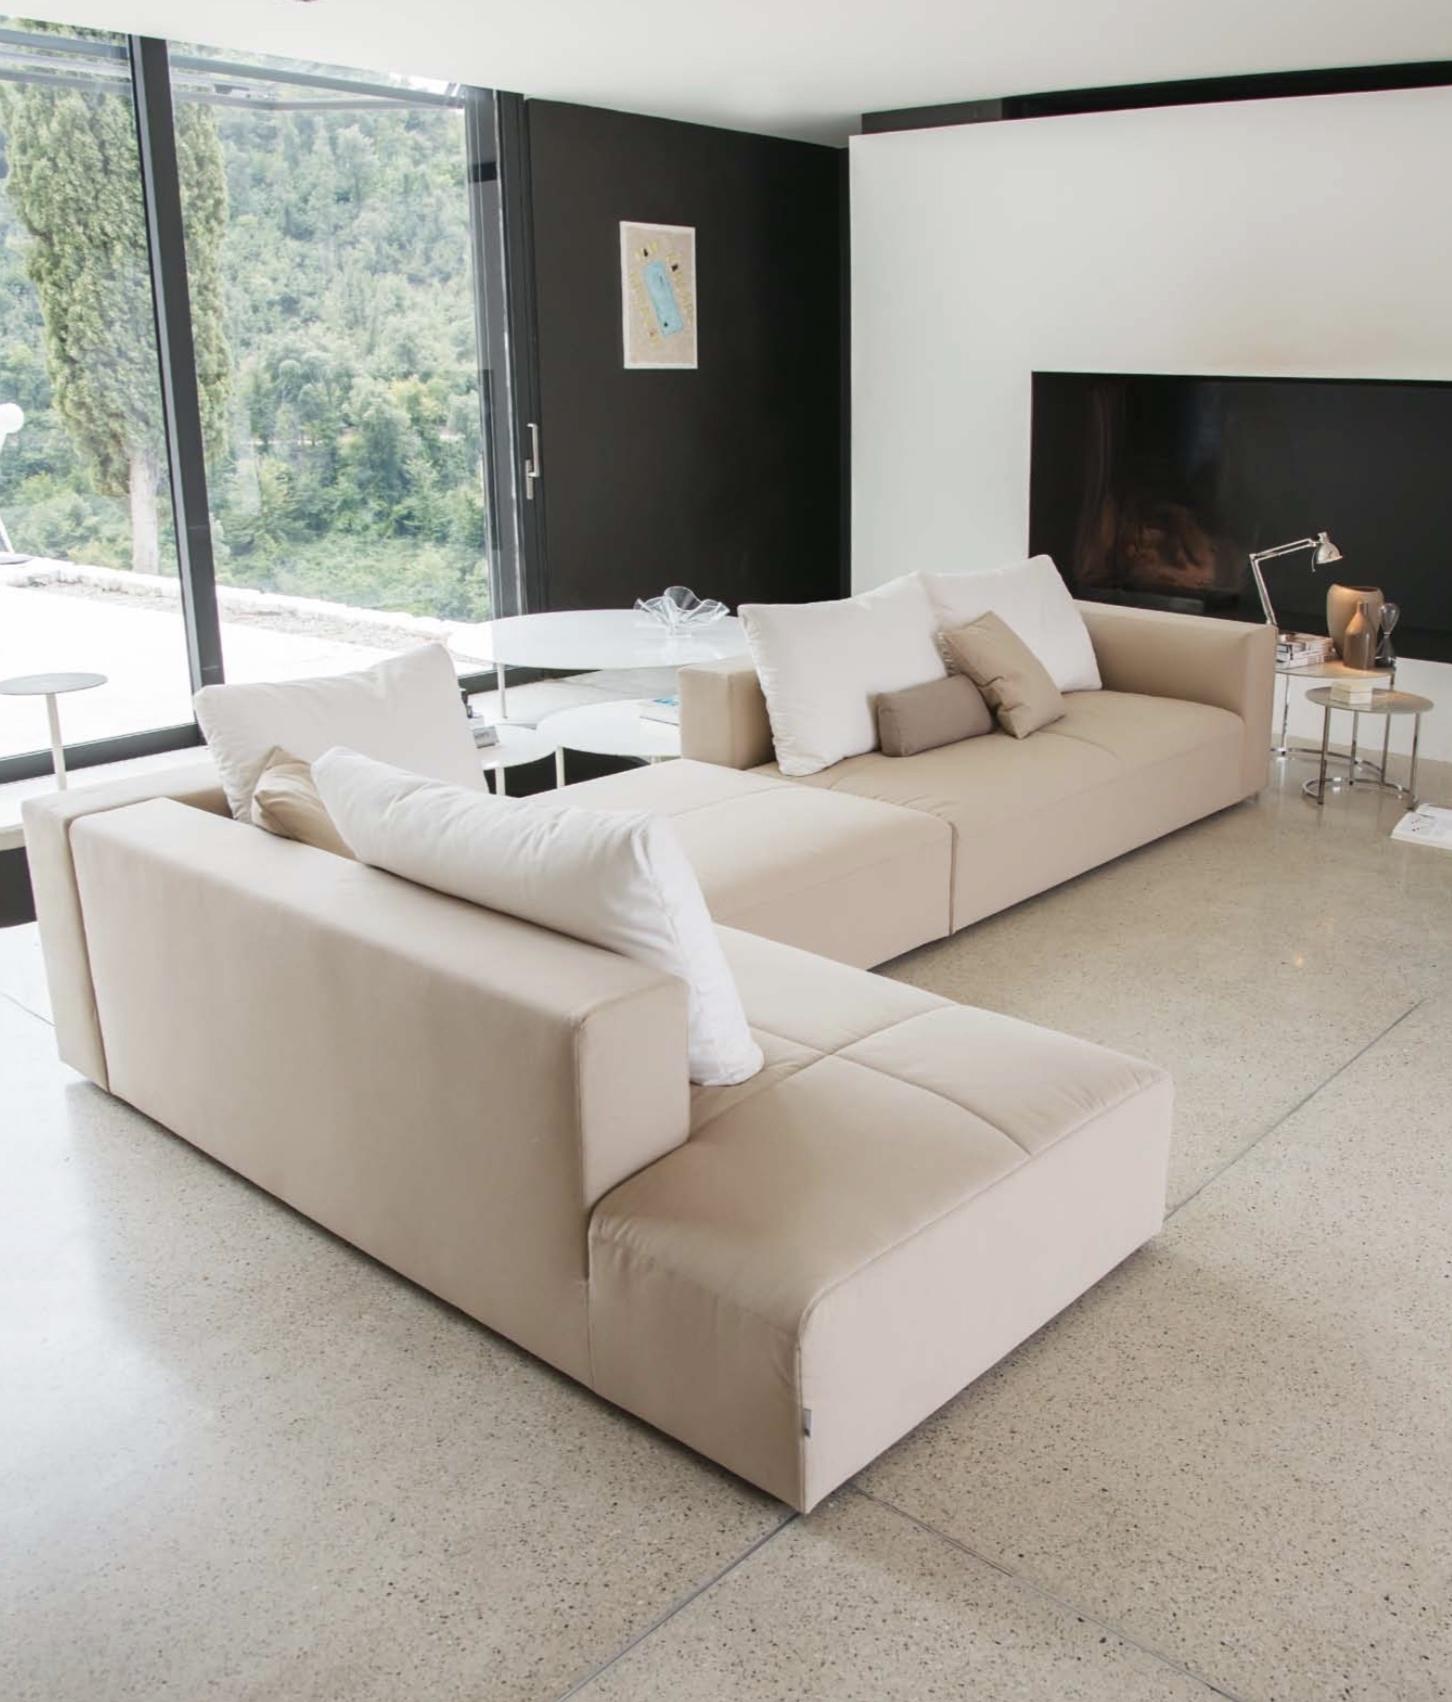 Momentoitalia Italian Modern Sofas (View 14 of 15)